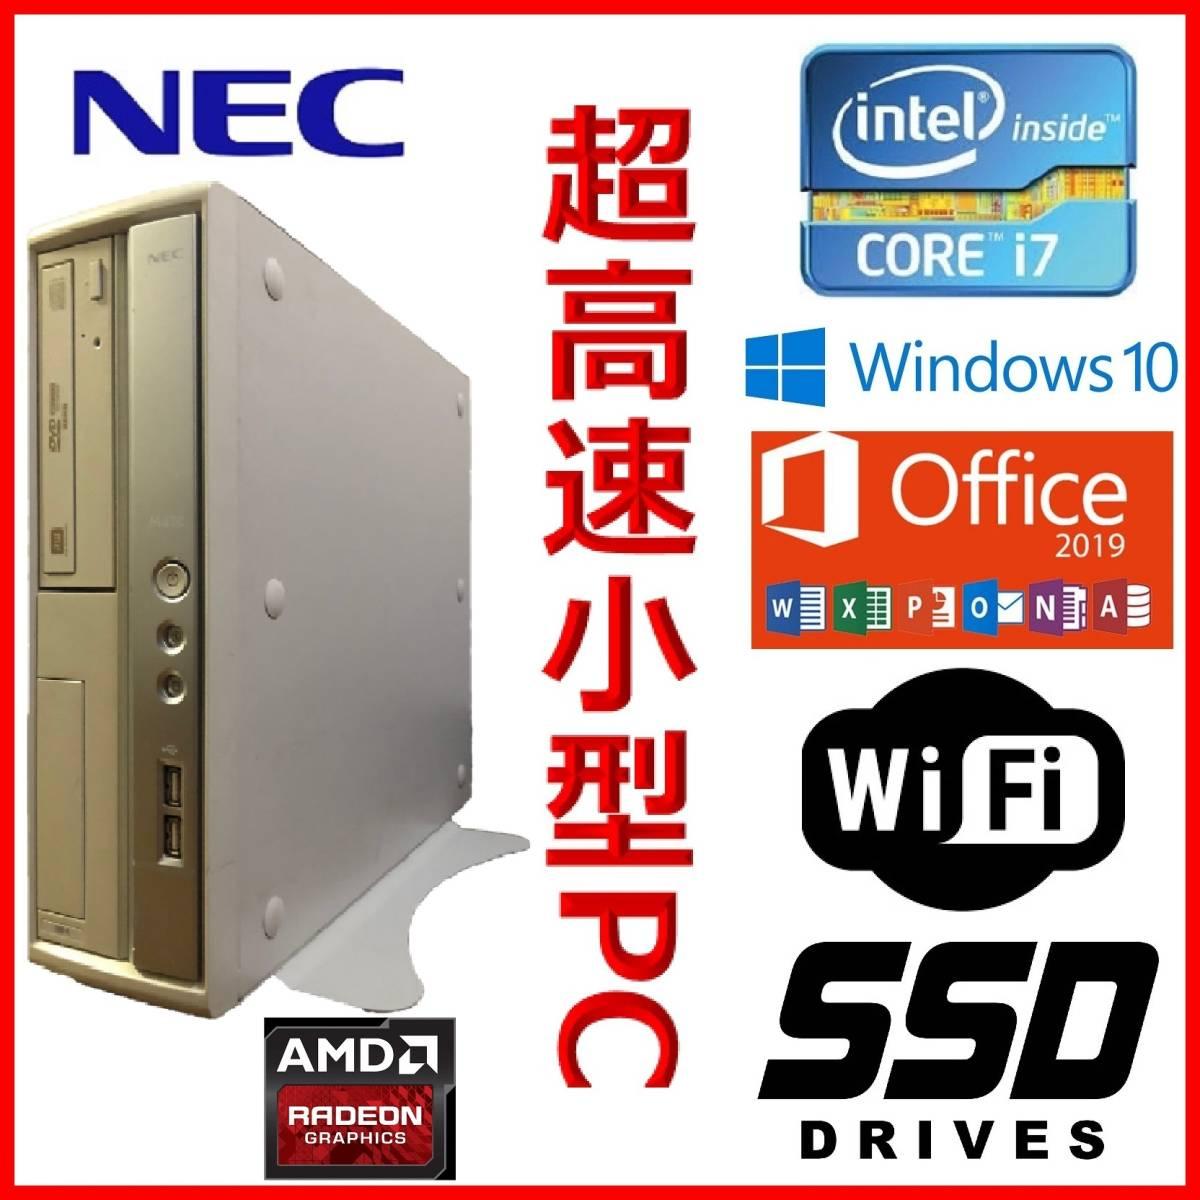 ●NEC●小型PC●高速Intel Core i7搭載●新品SSD240GB●メモリ8GB●無線LAN(Wi-Fi)●AMDグラボ●2画面●最新Win10●MS Office Pro 2019●